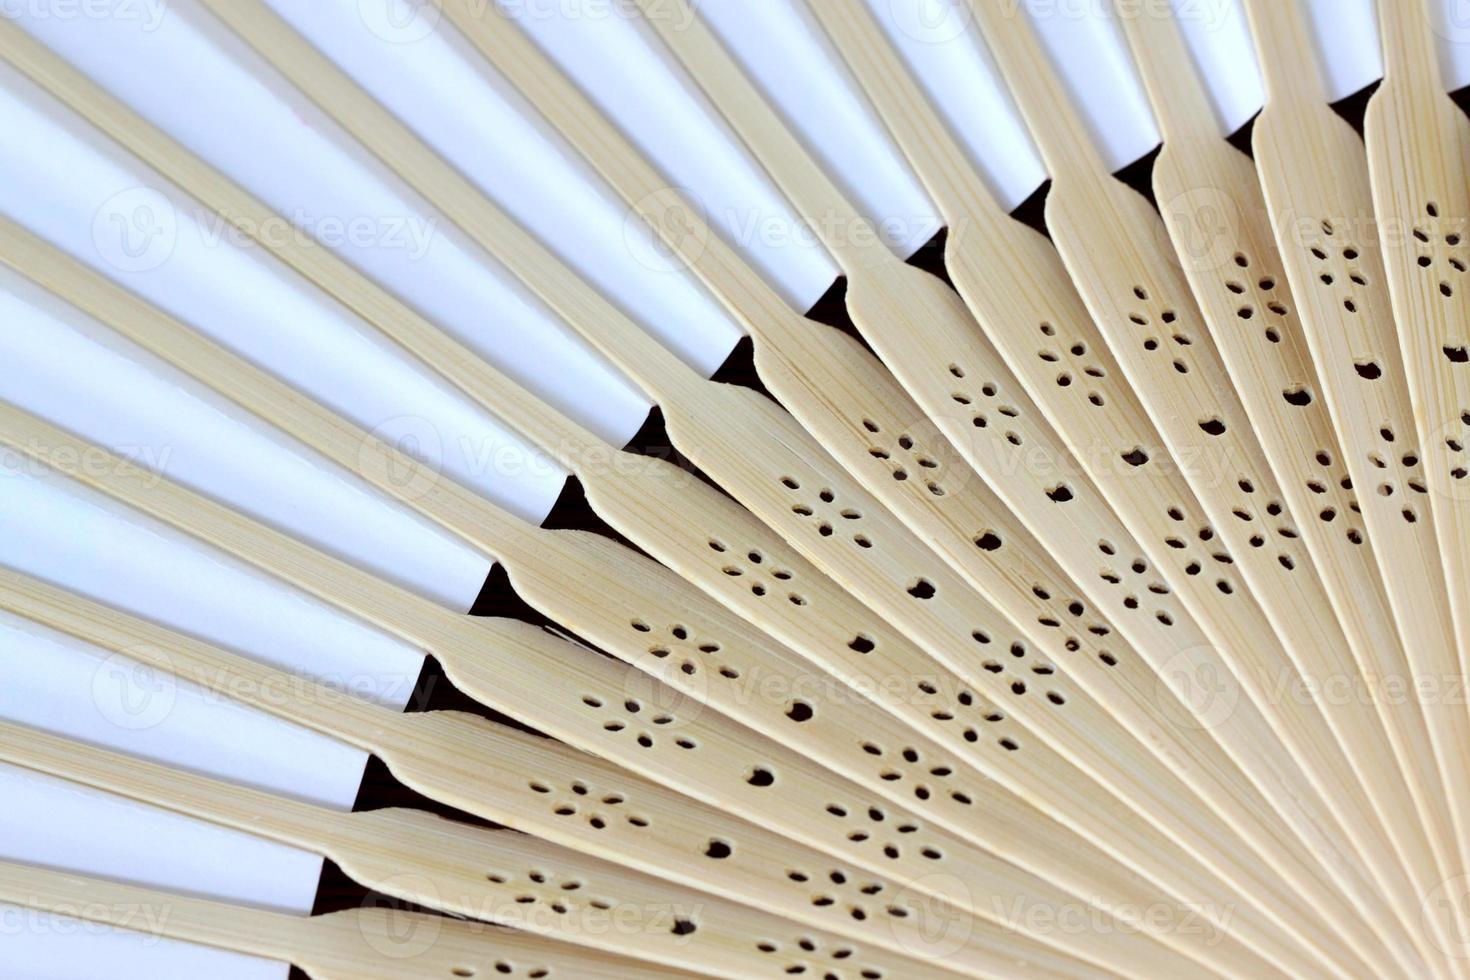 Muster des japanischen Faltfächers. foto